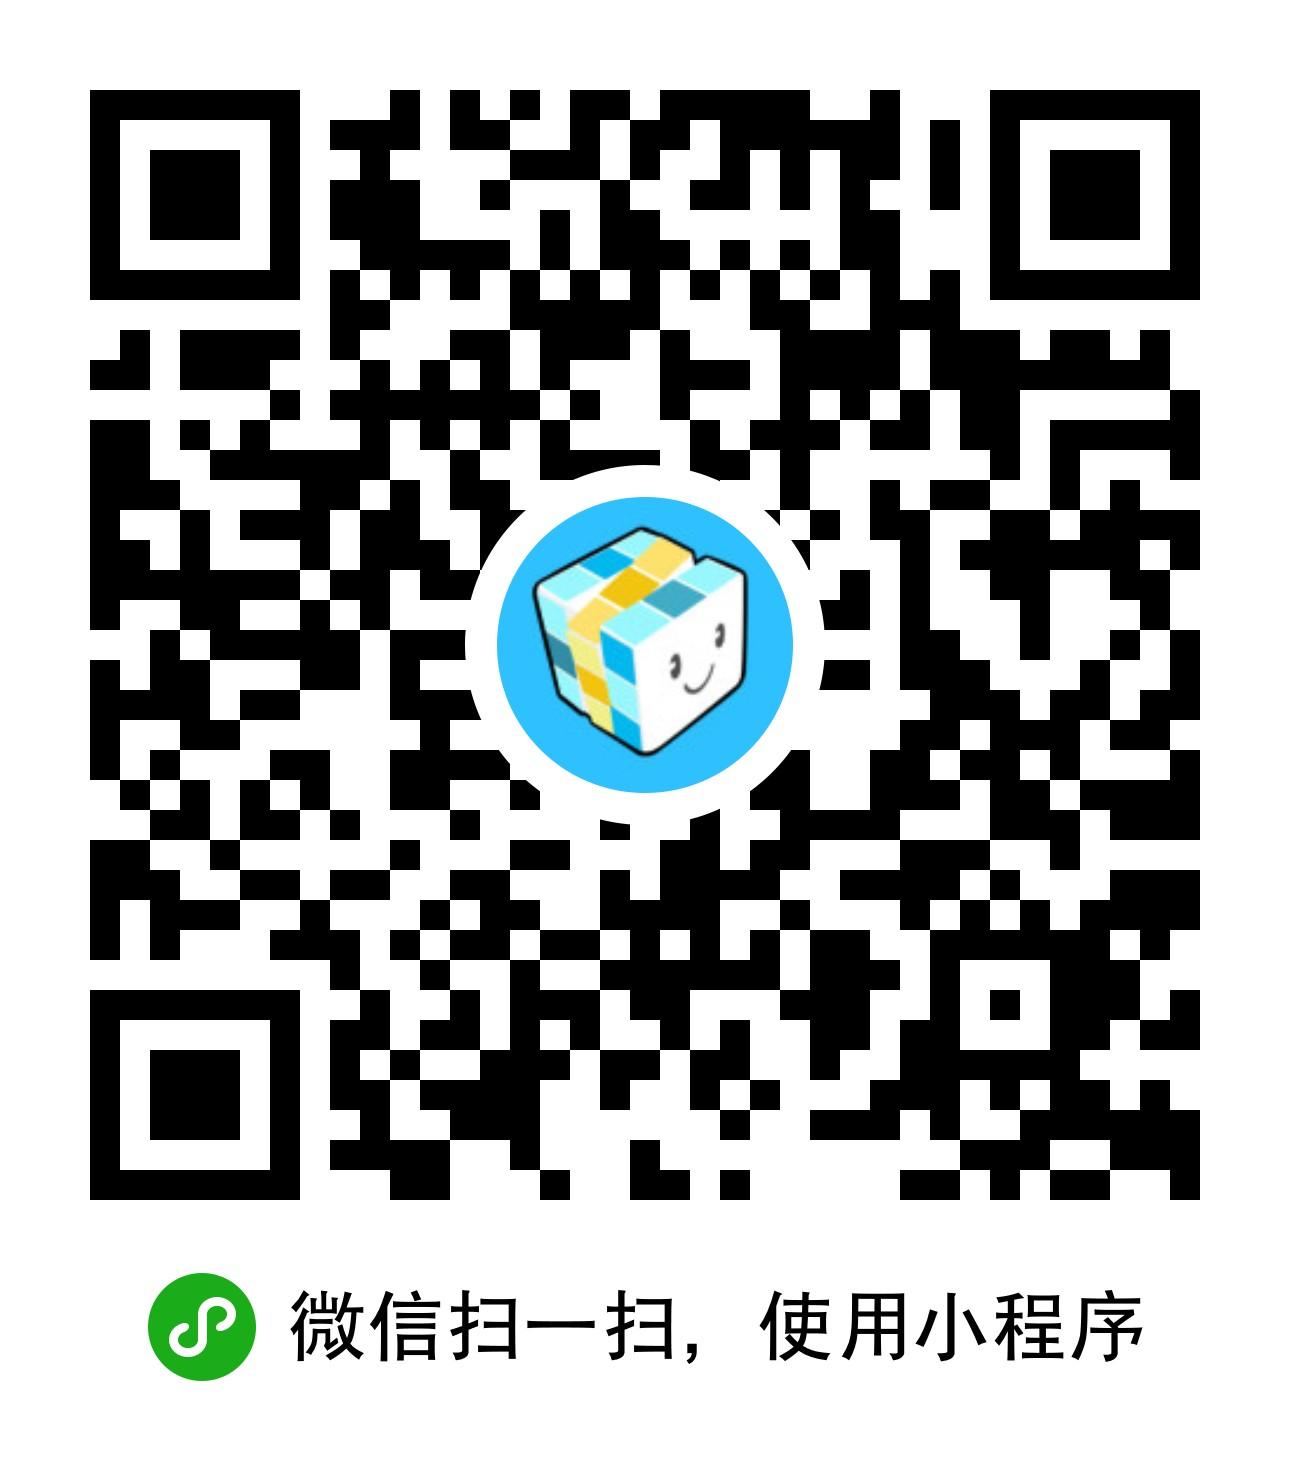 豆腐言情小说小程序二维码